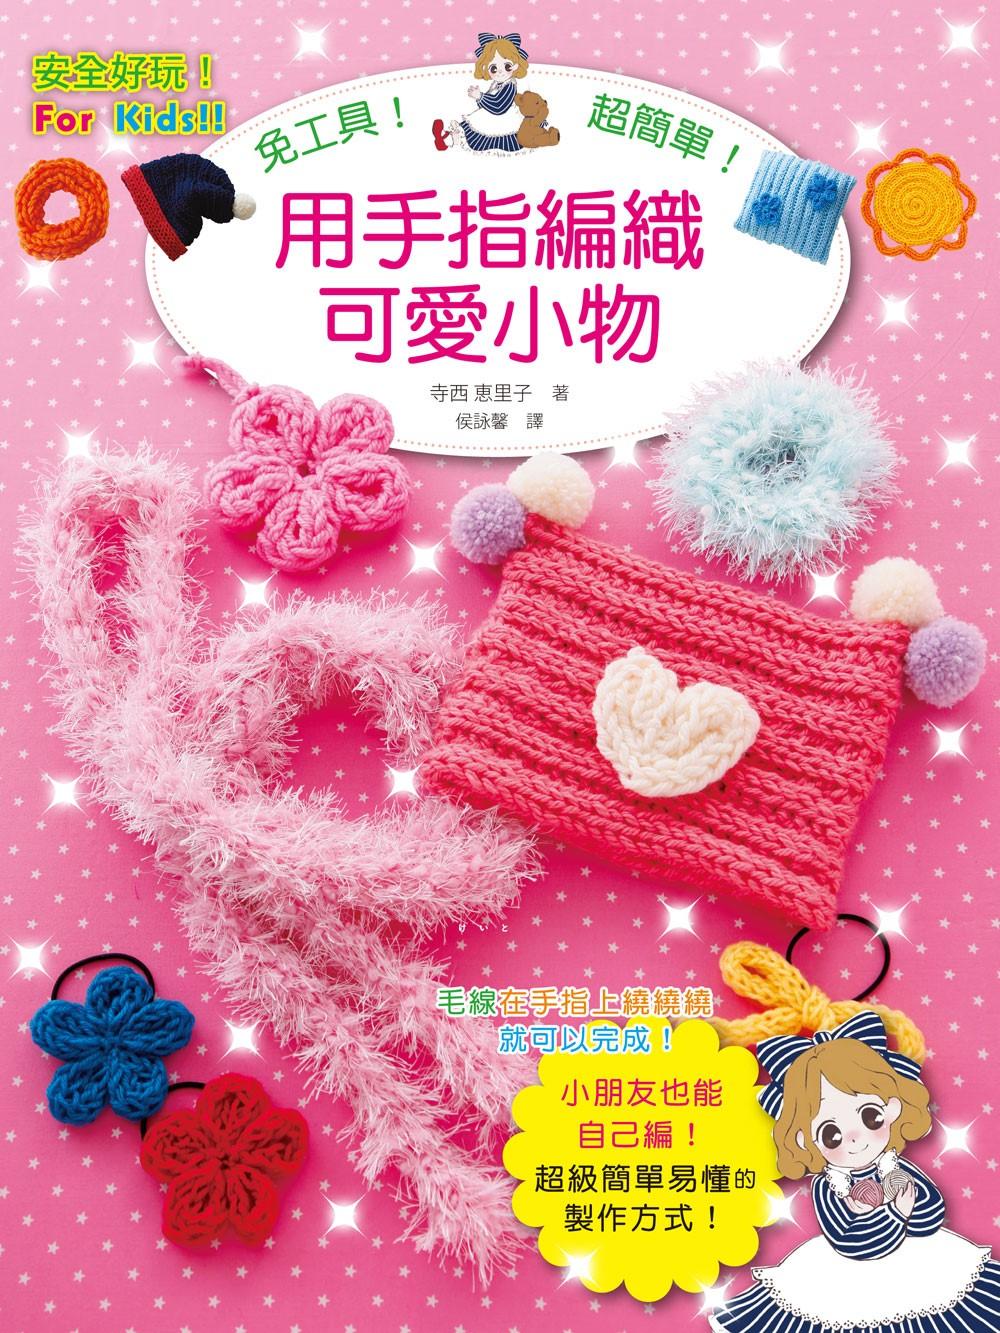 免工具!用手指編織可愛小物:安全好玩超簡單,小朋友也能自己編!